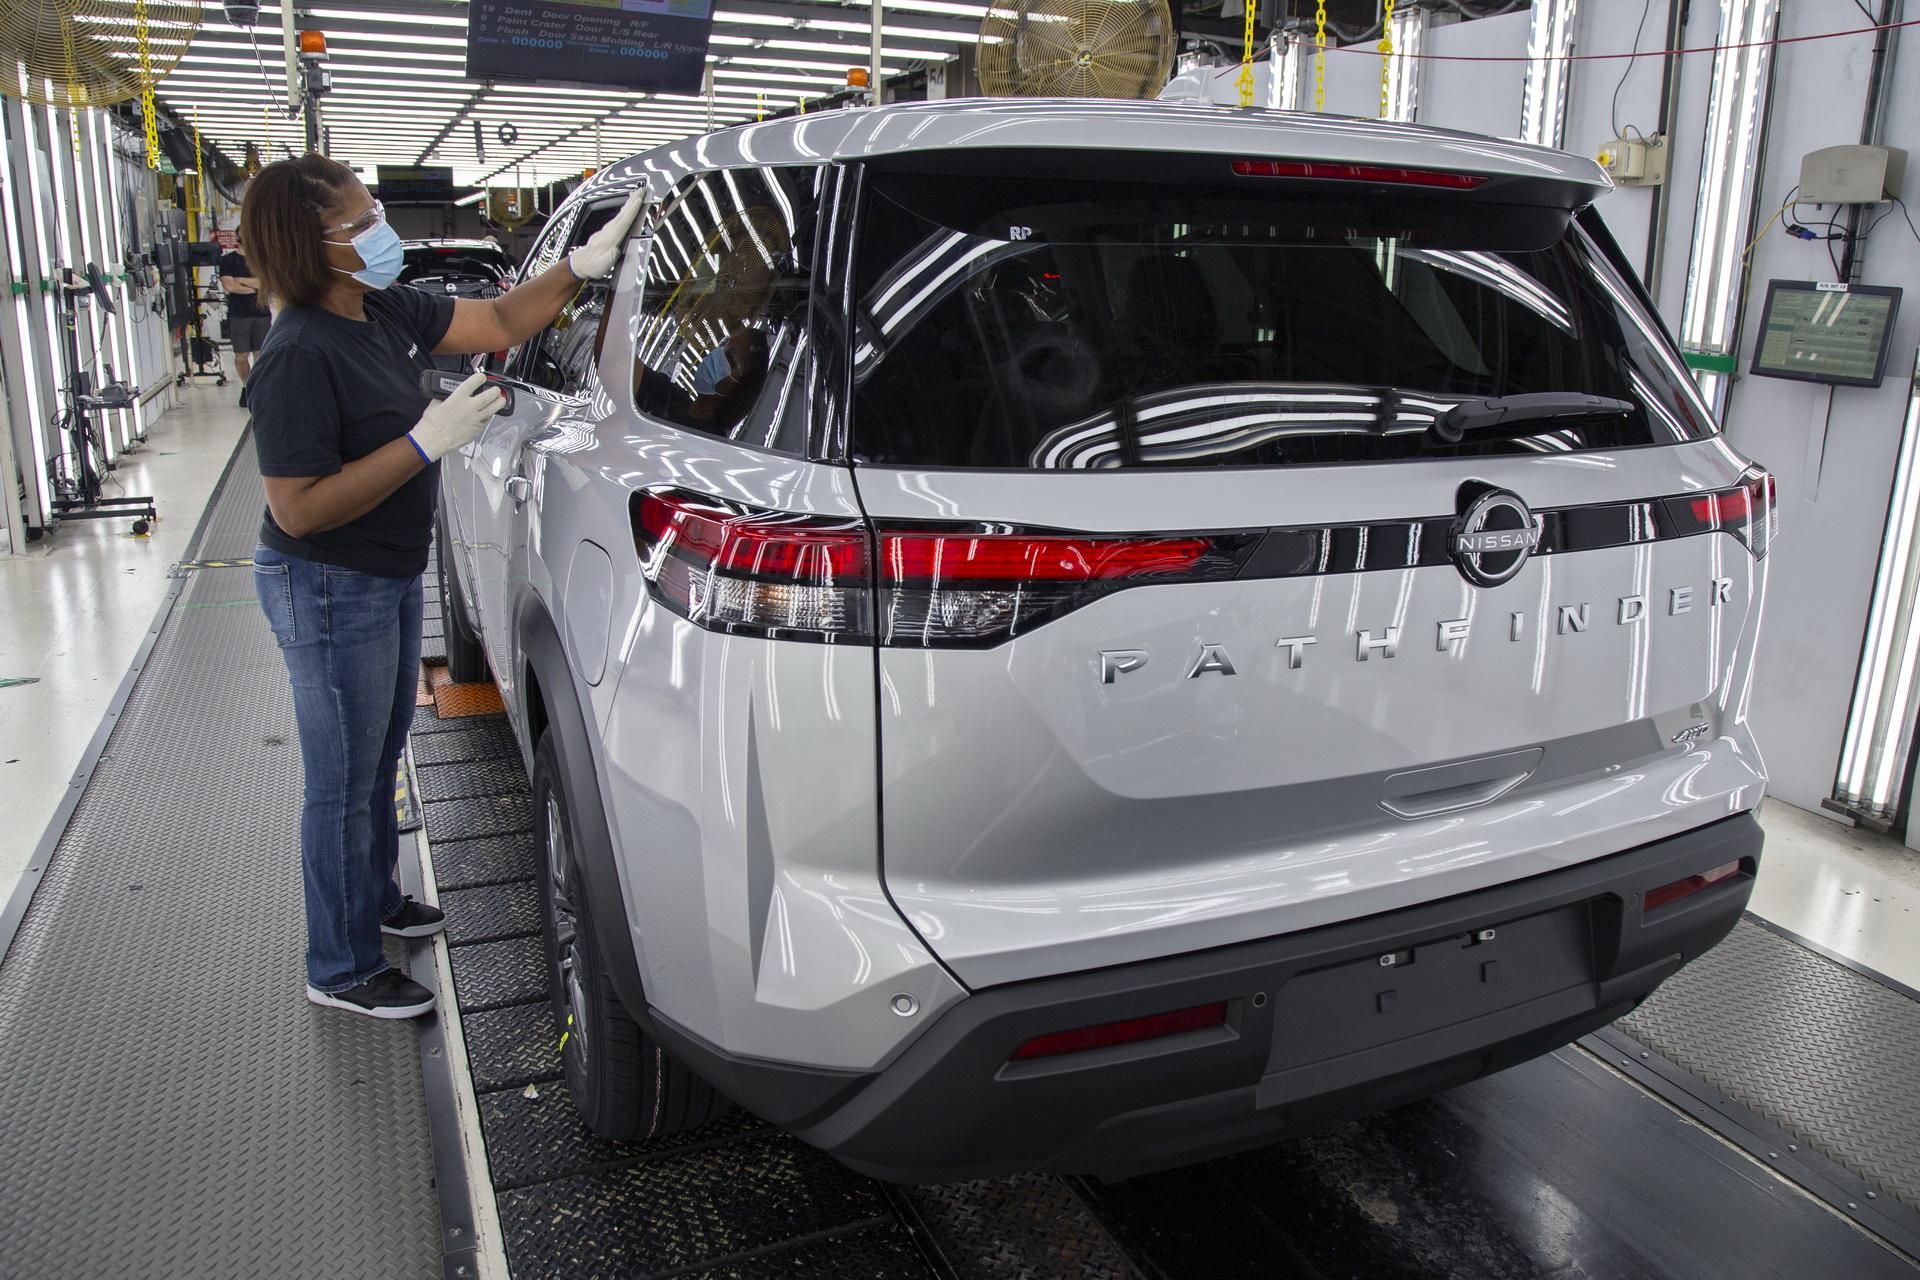 Nissan Pathfinder 2022 bắt đầu sản xuất, đàn anh của X-Trail 2022-nissan-pathfinder-03.jpg